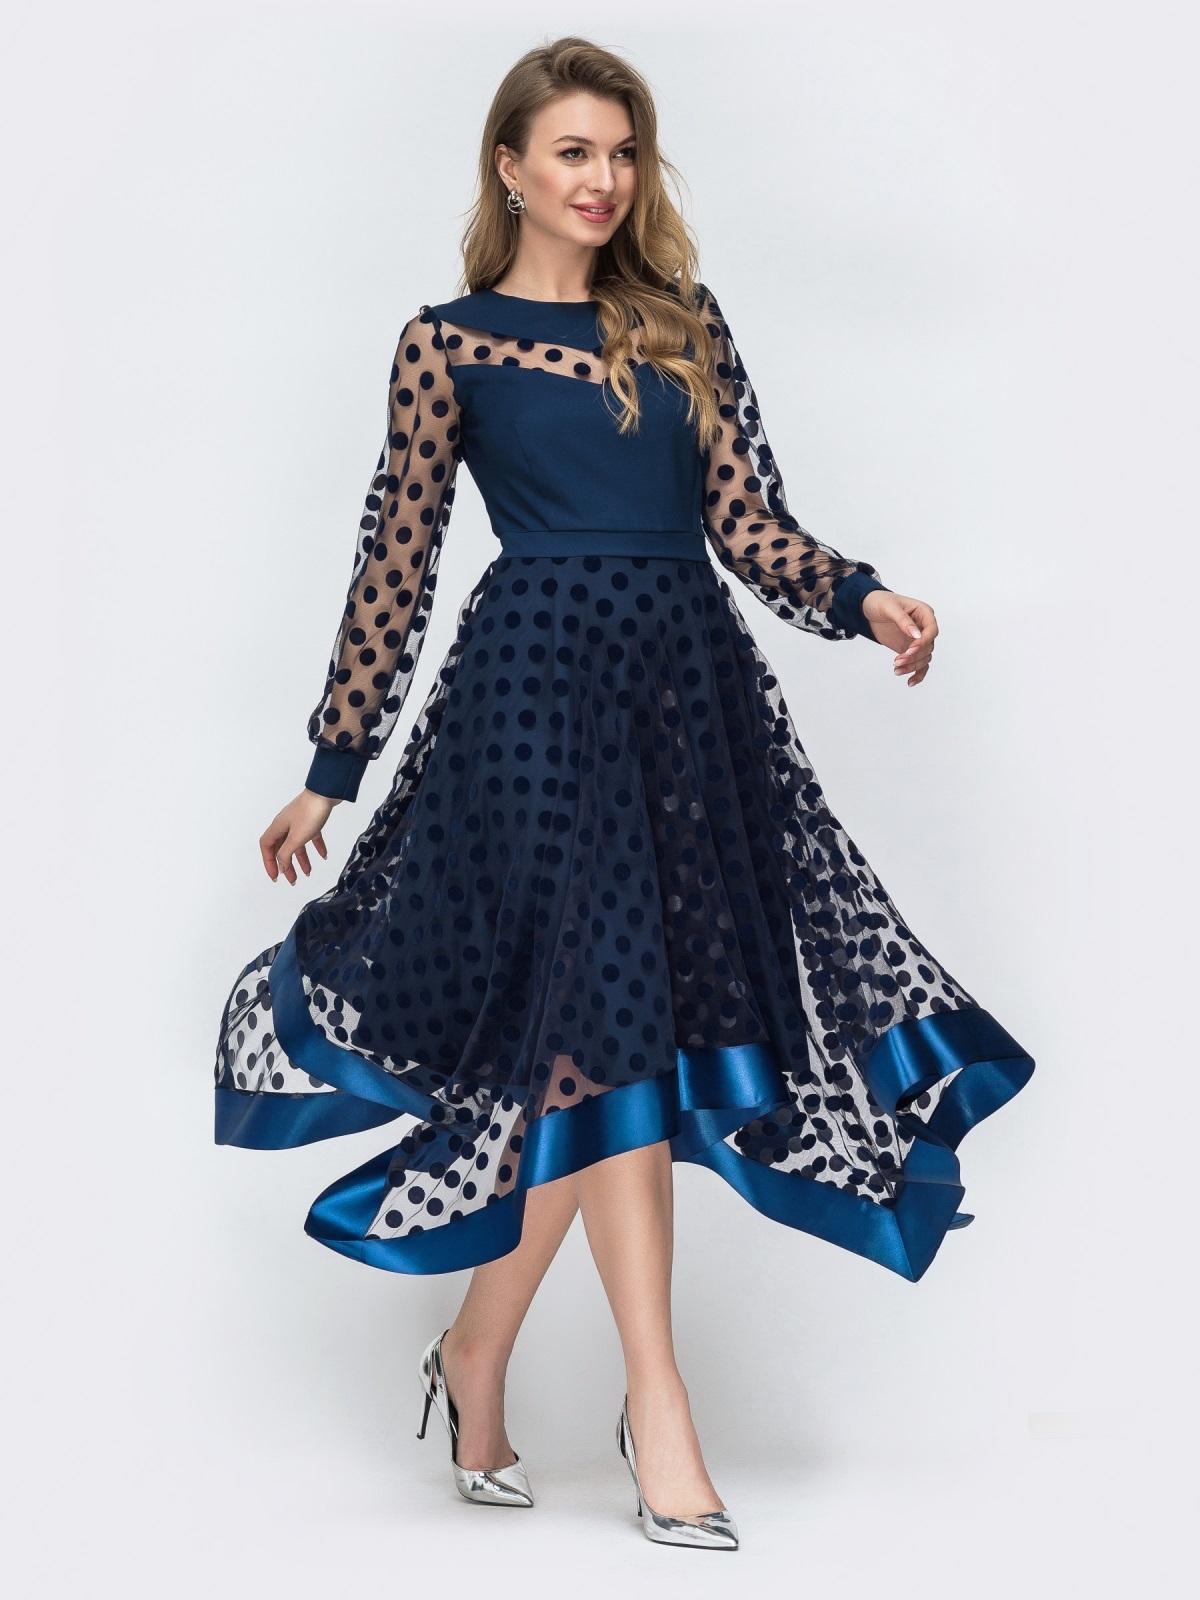 Тёмно-синее платье в горох с рукавами и юбкой из фатина 45848, фото 1